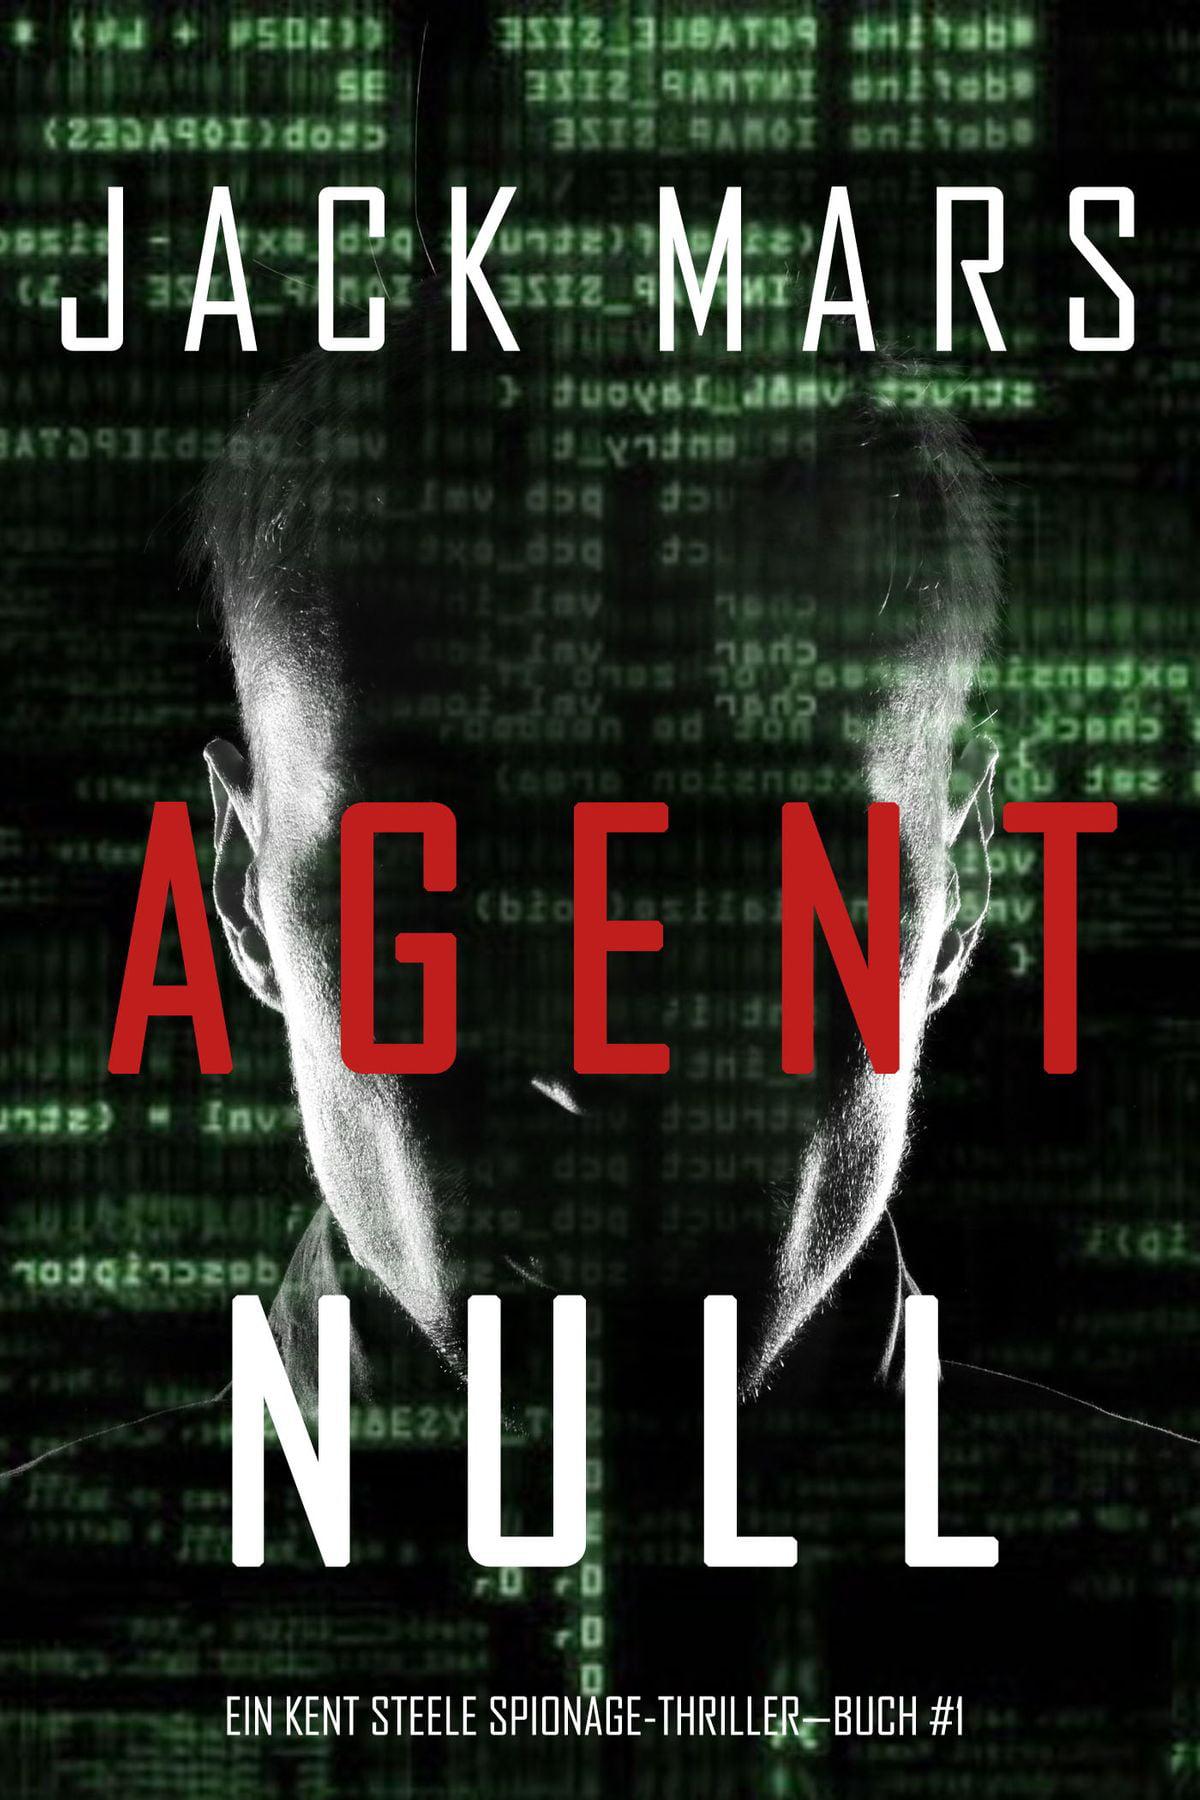 Agenten Thriller Bücher